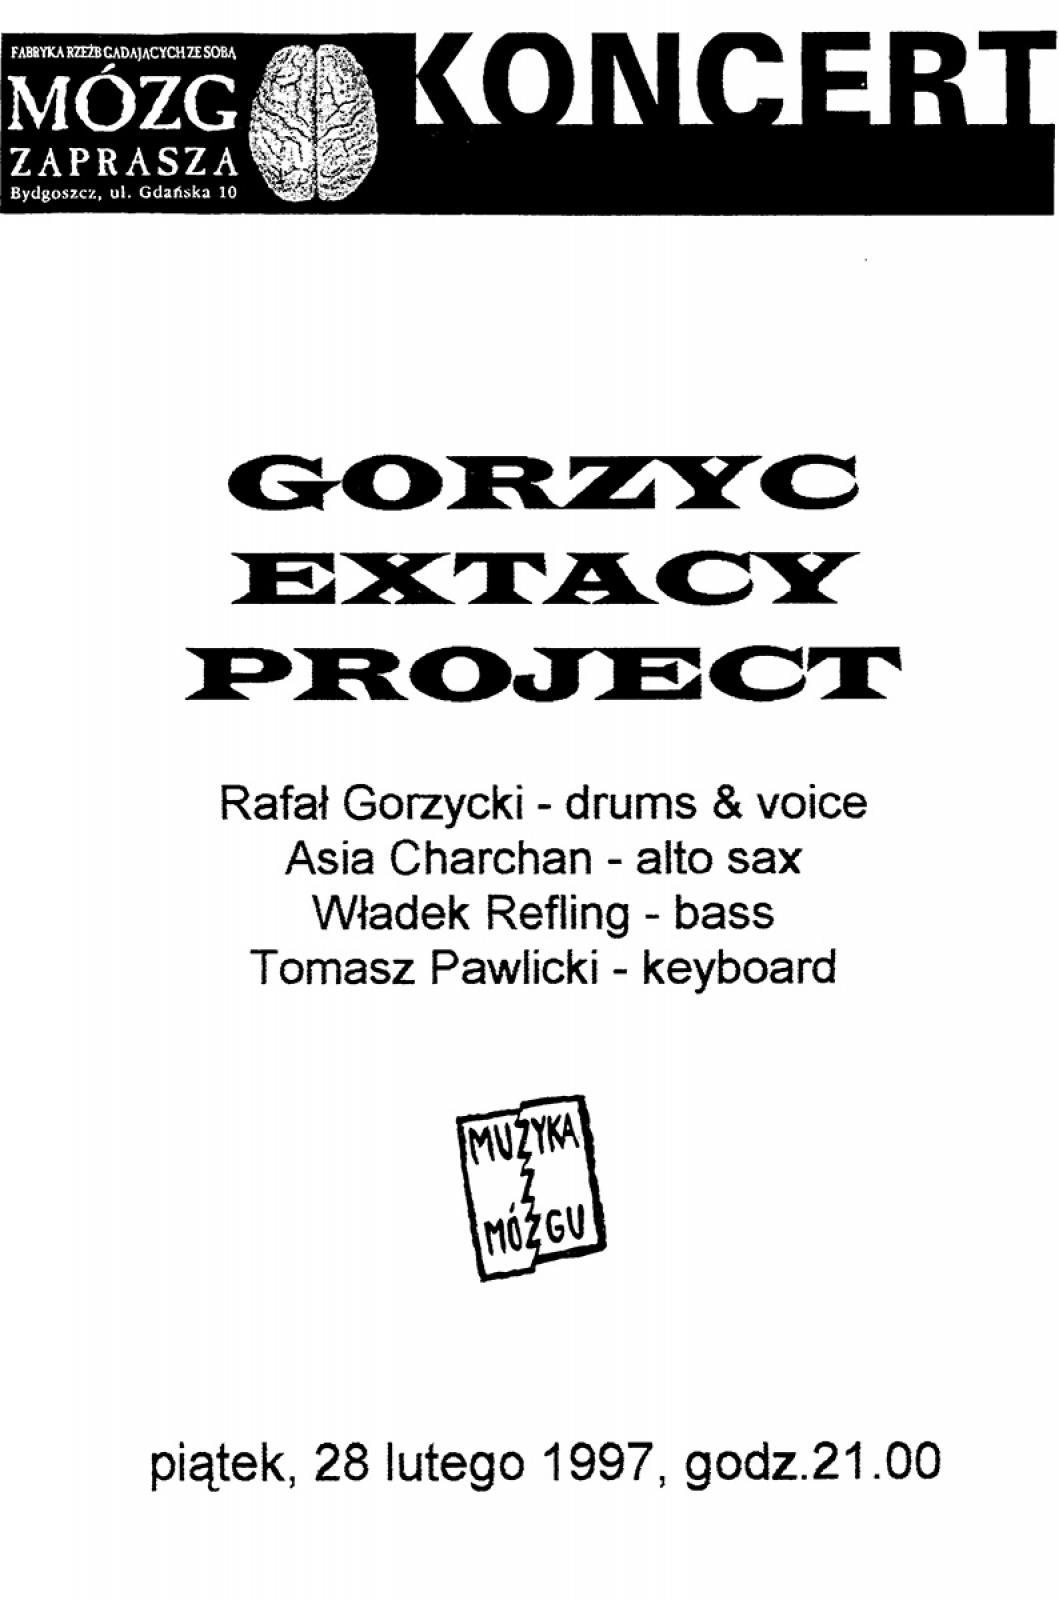 Gorzyc Extasy Project